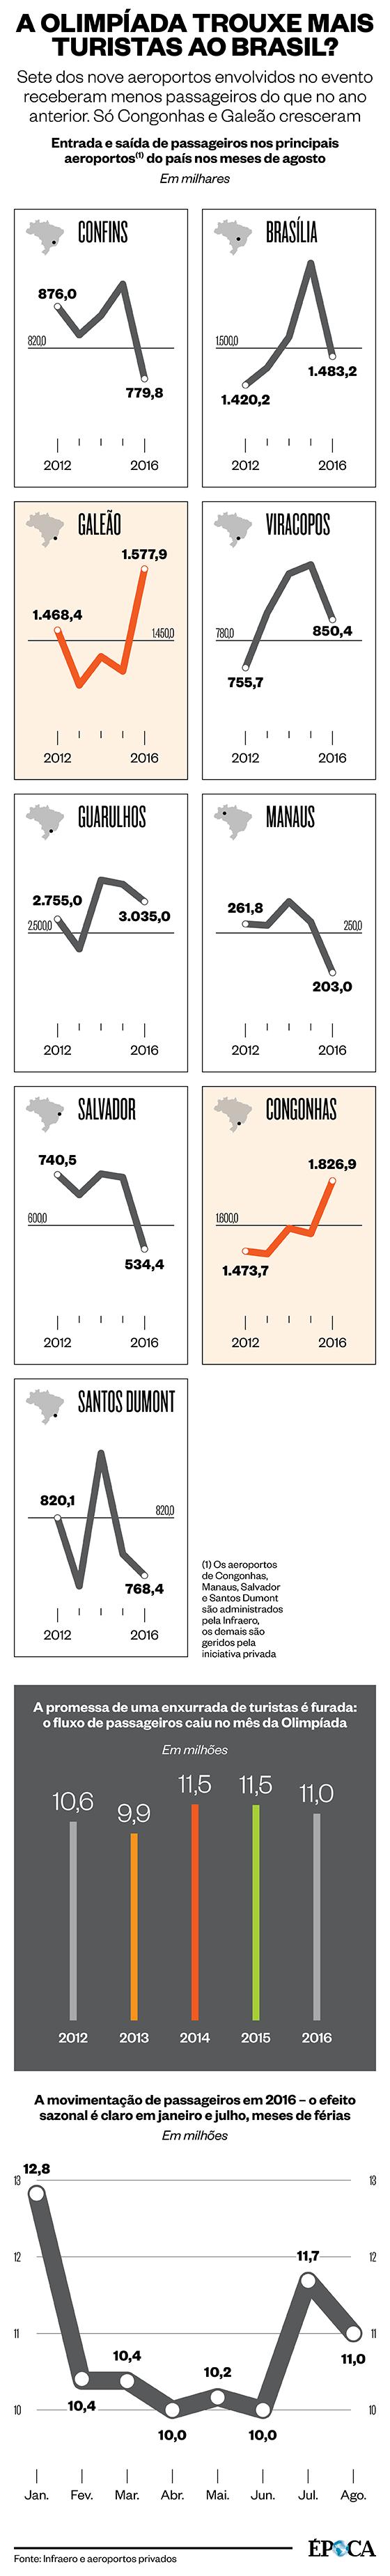 A Olimpíada ajudou o turismo brasileiro? (Foto: Arte ÉPOCA)